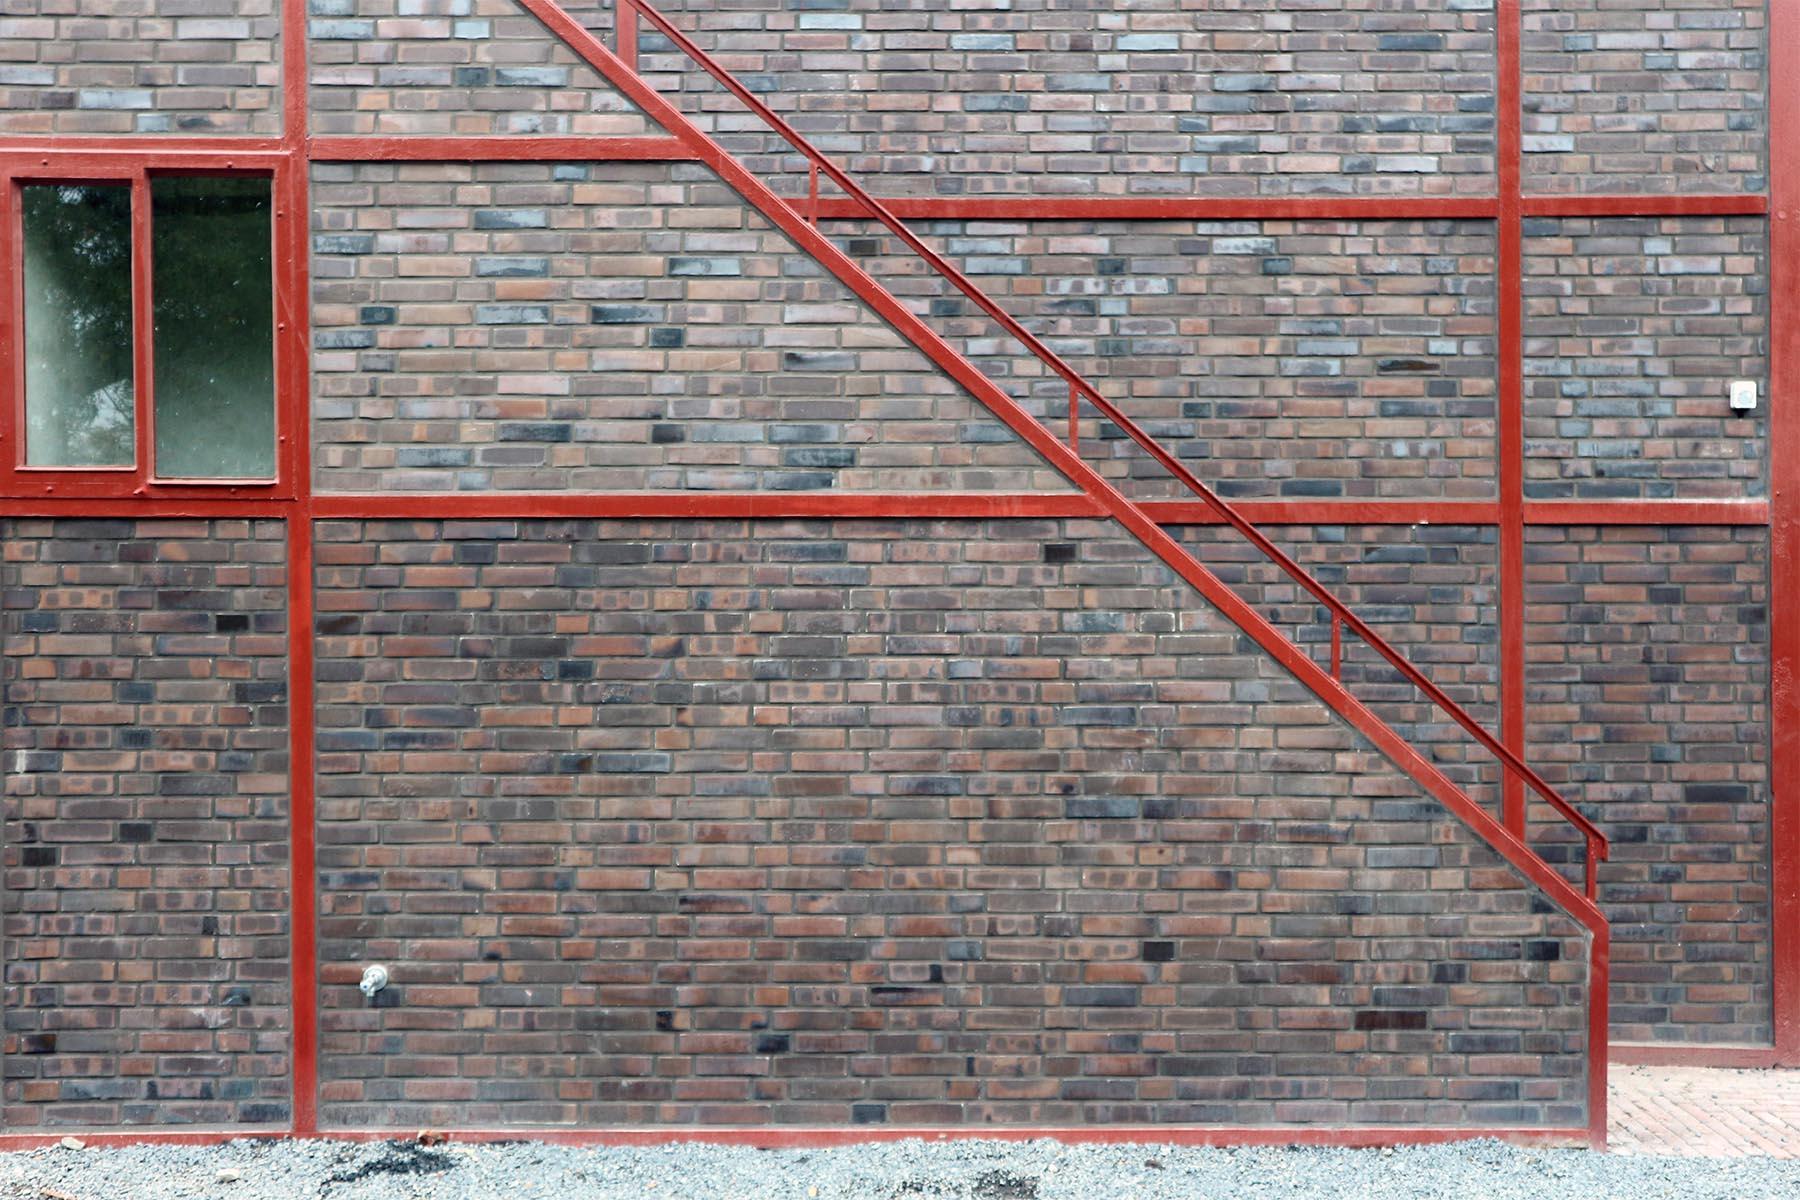 Zeche Zollverein. Auch hier zeigt sich die Gestaltung im Sinne des Neuen Bauens: klar, sachlich, ornamentfrei.